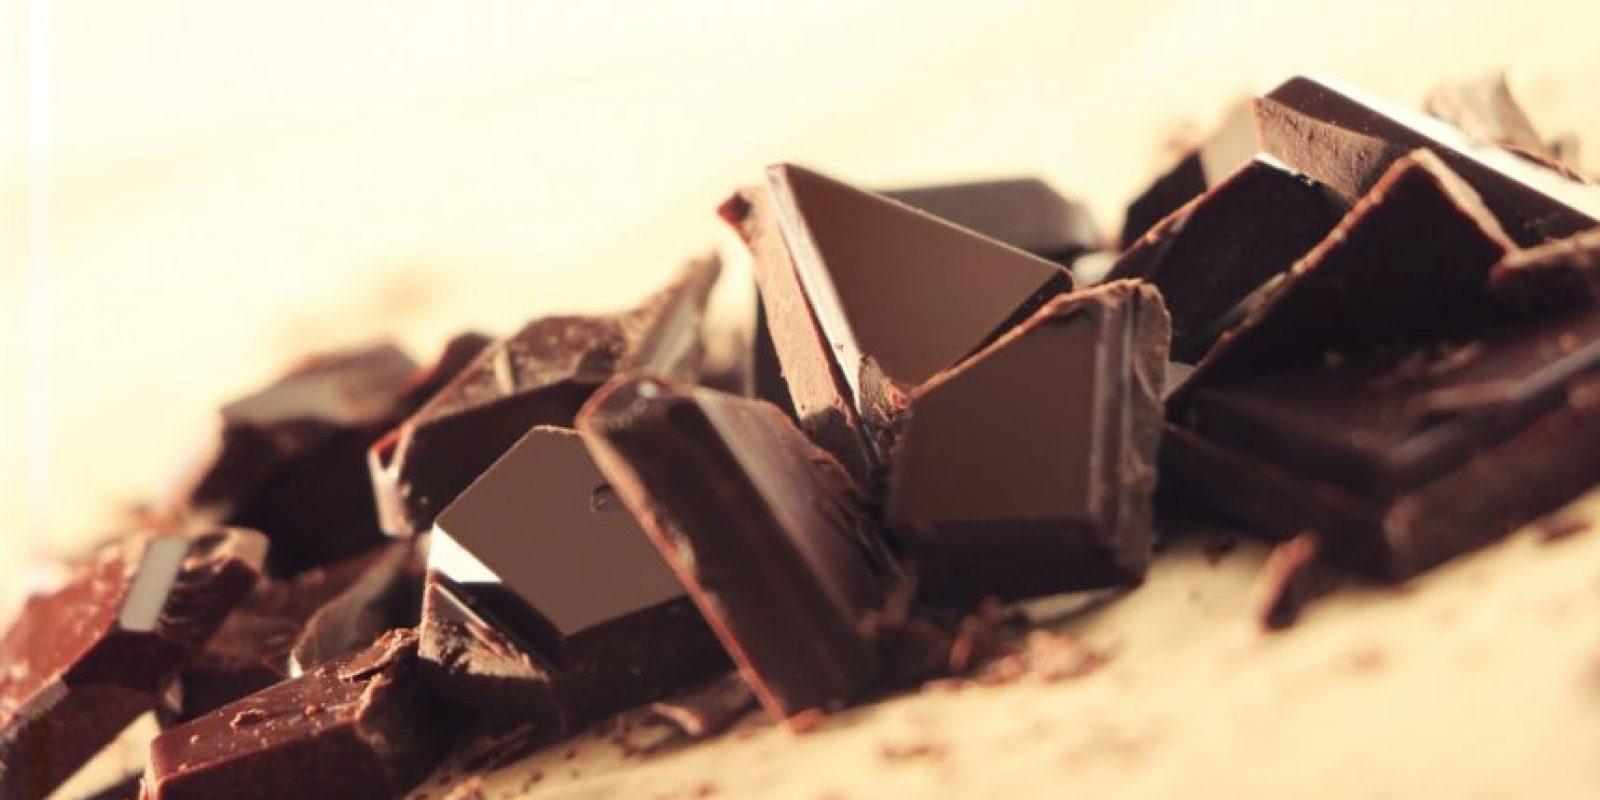 Chocolate oscuro. Buenas noticias para los amantes del chocolate. Numerosos estudios han confirmado que en su versión oscura, este tentador alimento ayuda a combatir el estrés, a ponerte alerta y te mantiene de buen humor. Foto:Fuente Externa